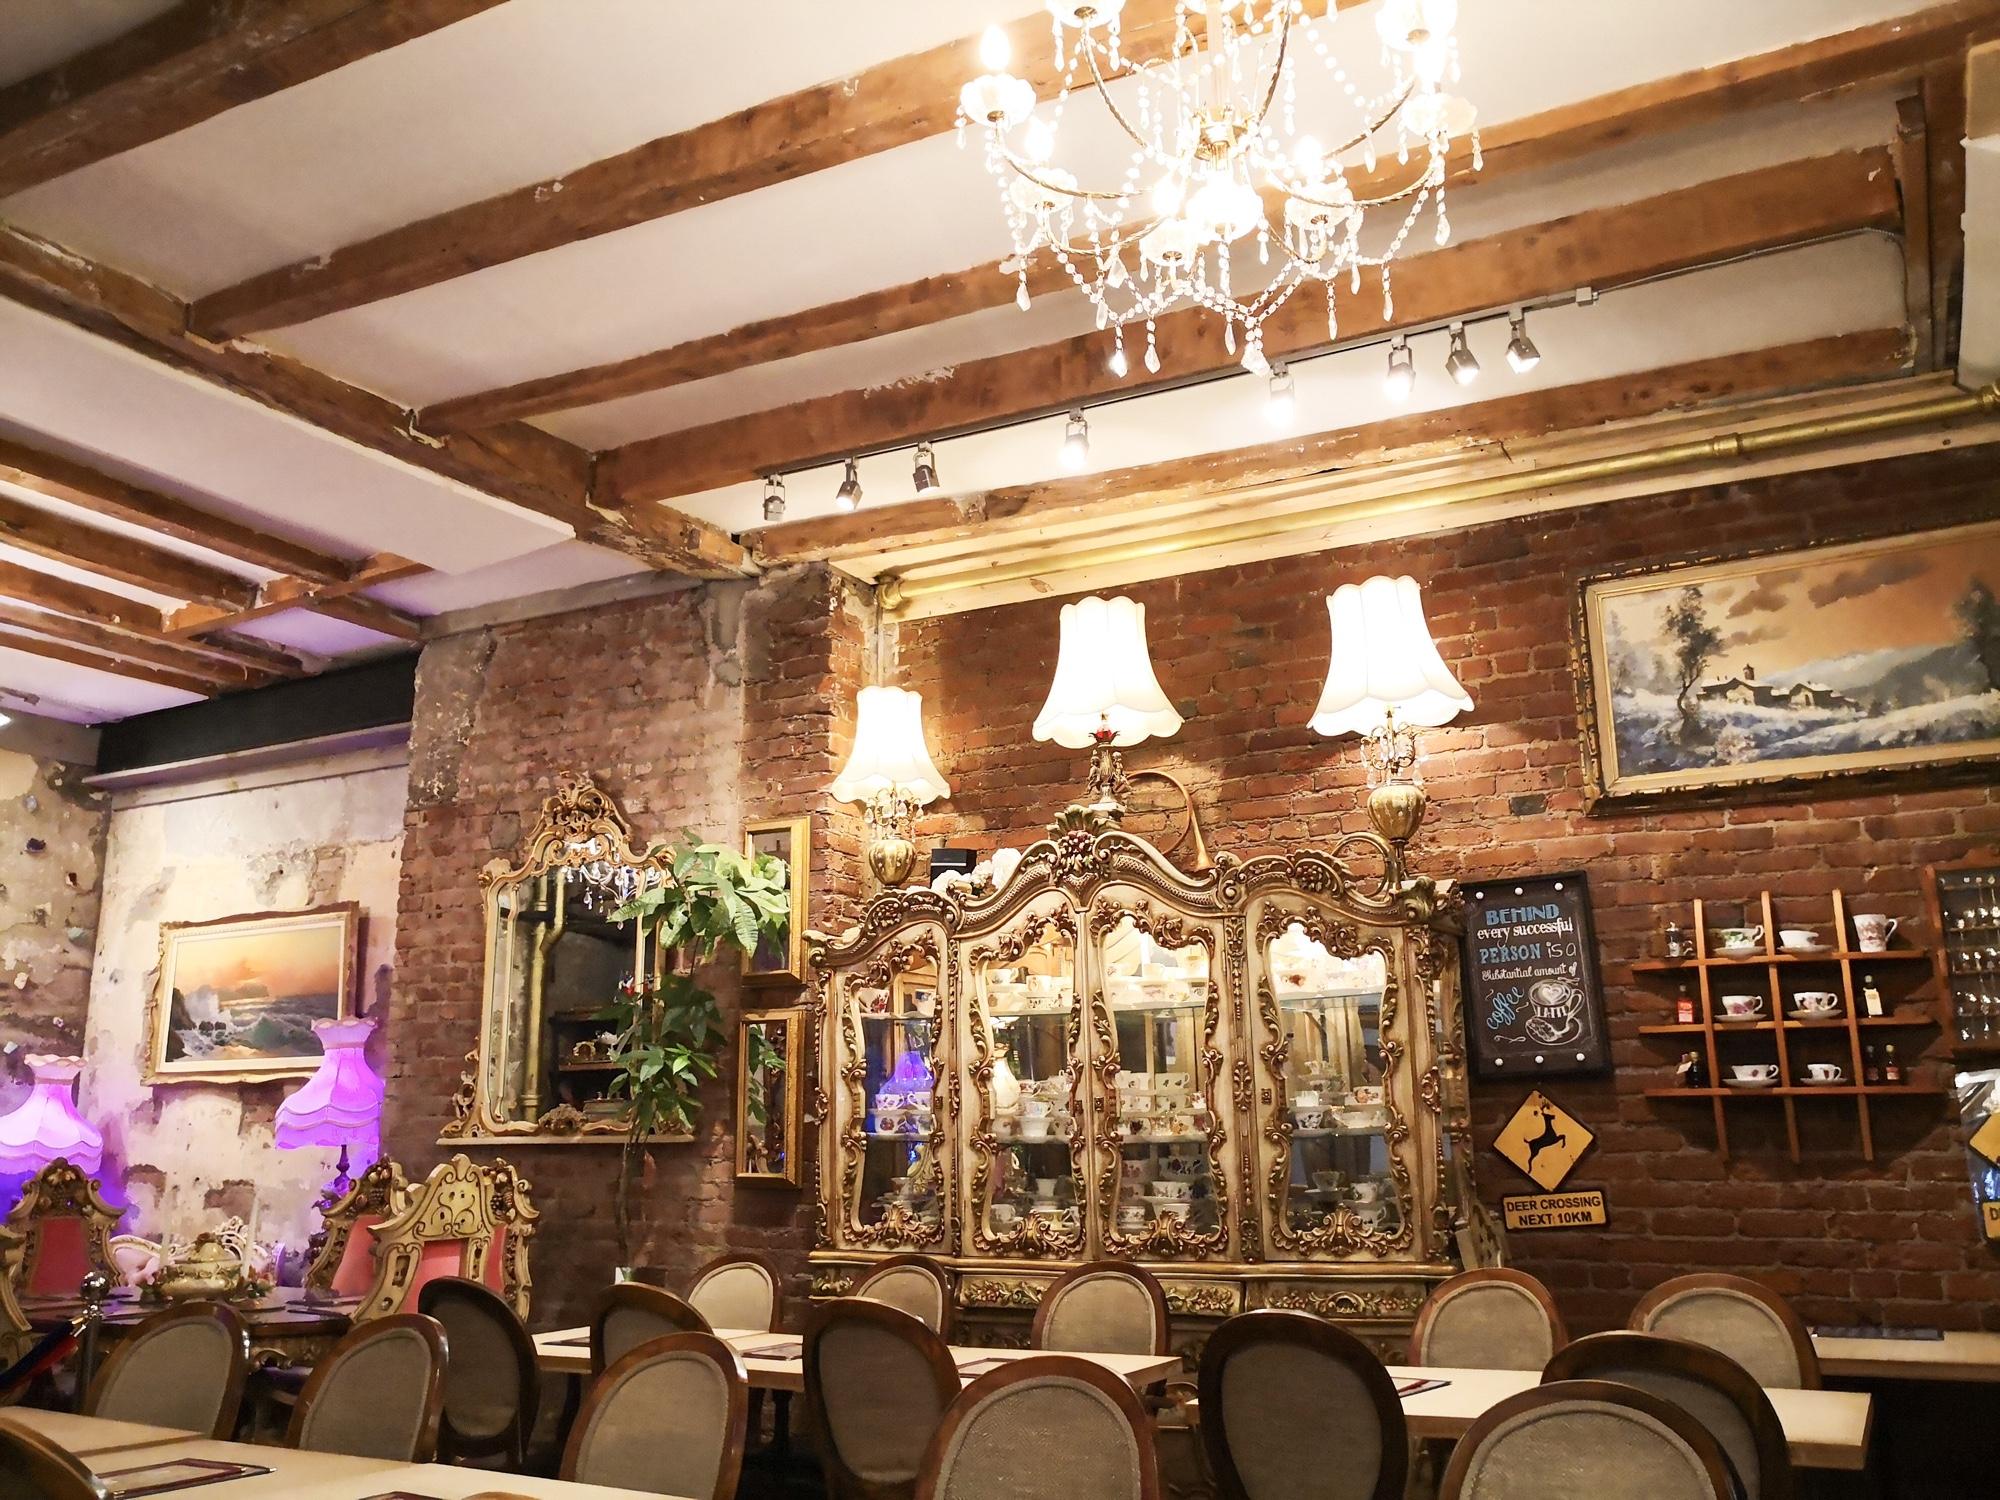 インスタ映え 写真映えするモントリオールのカフェ